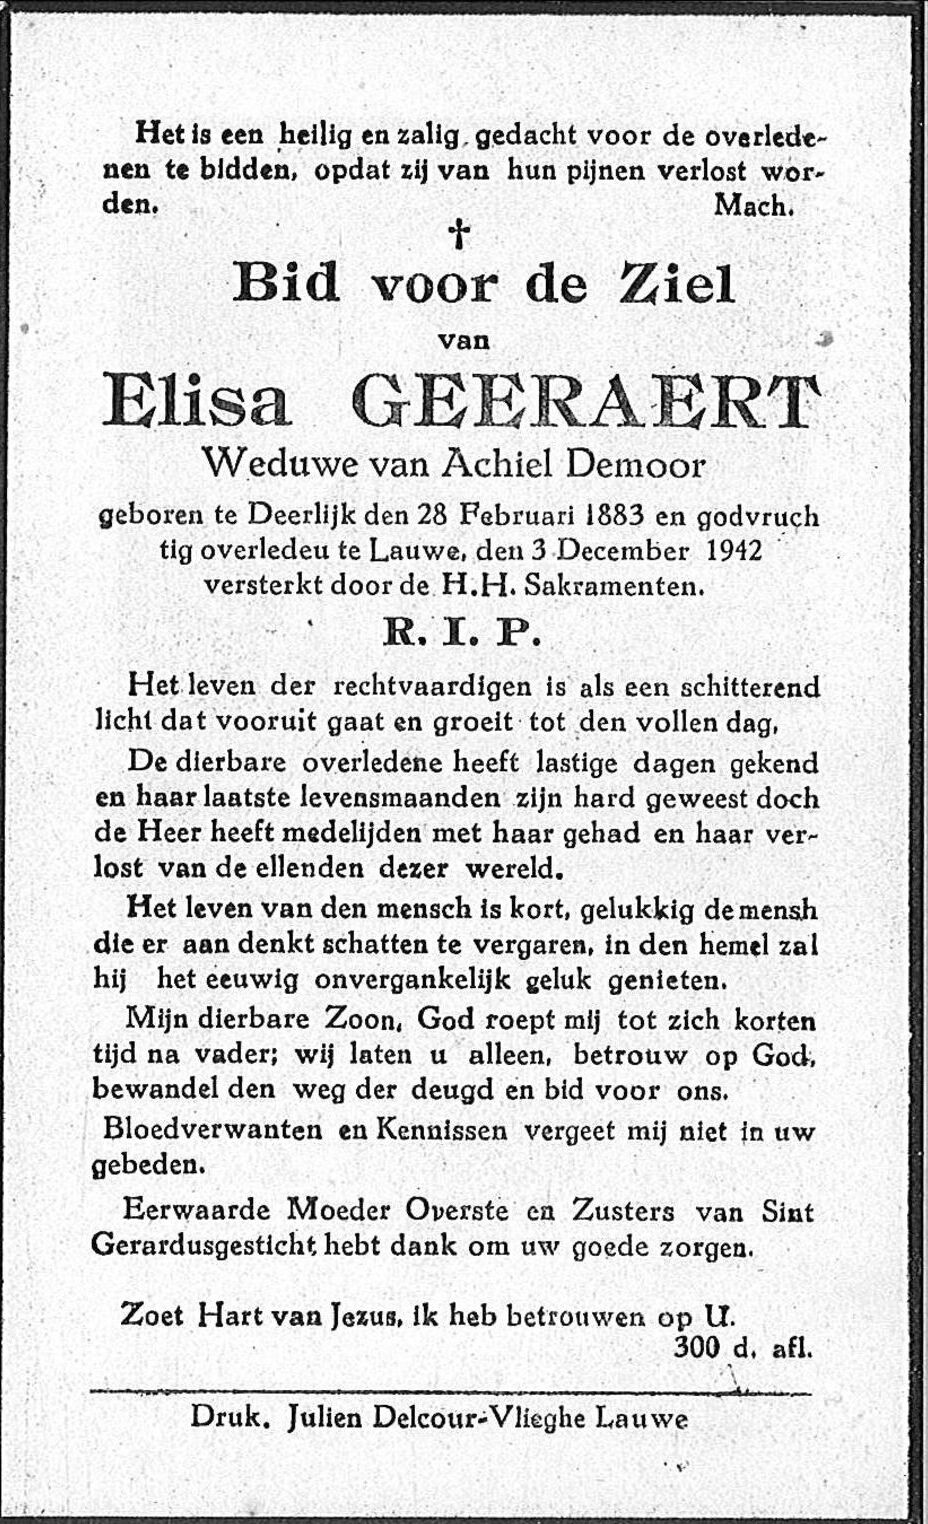 Elisa Geeraert